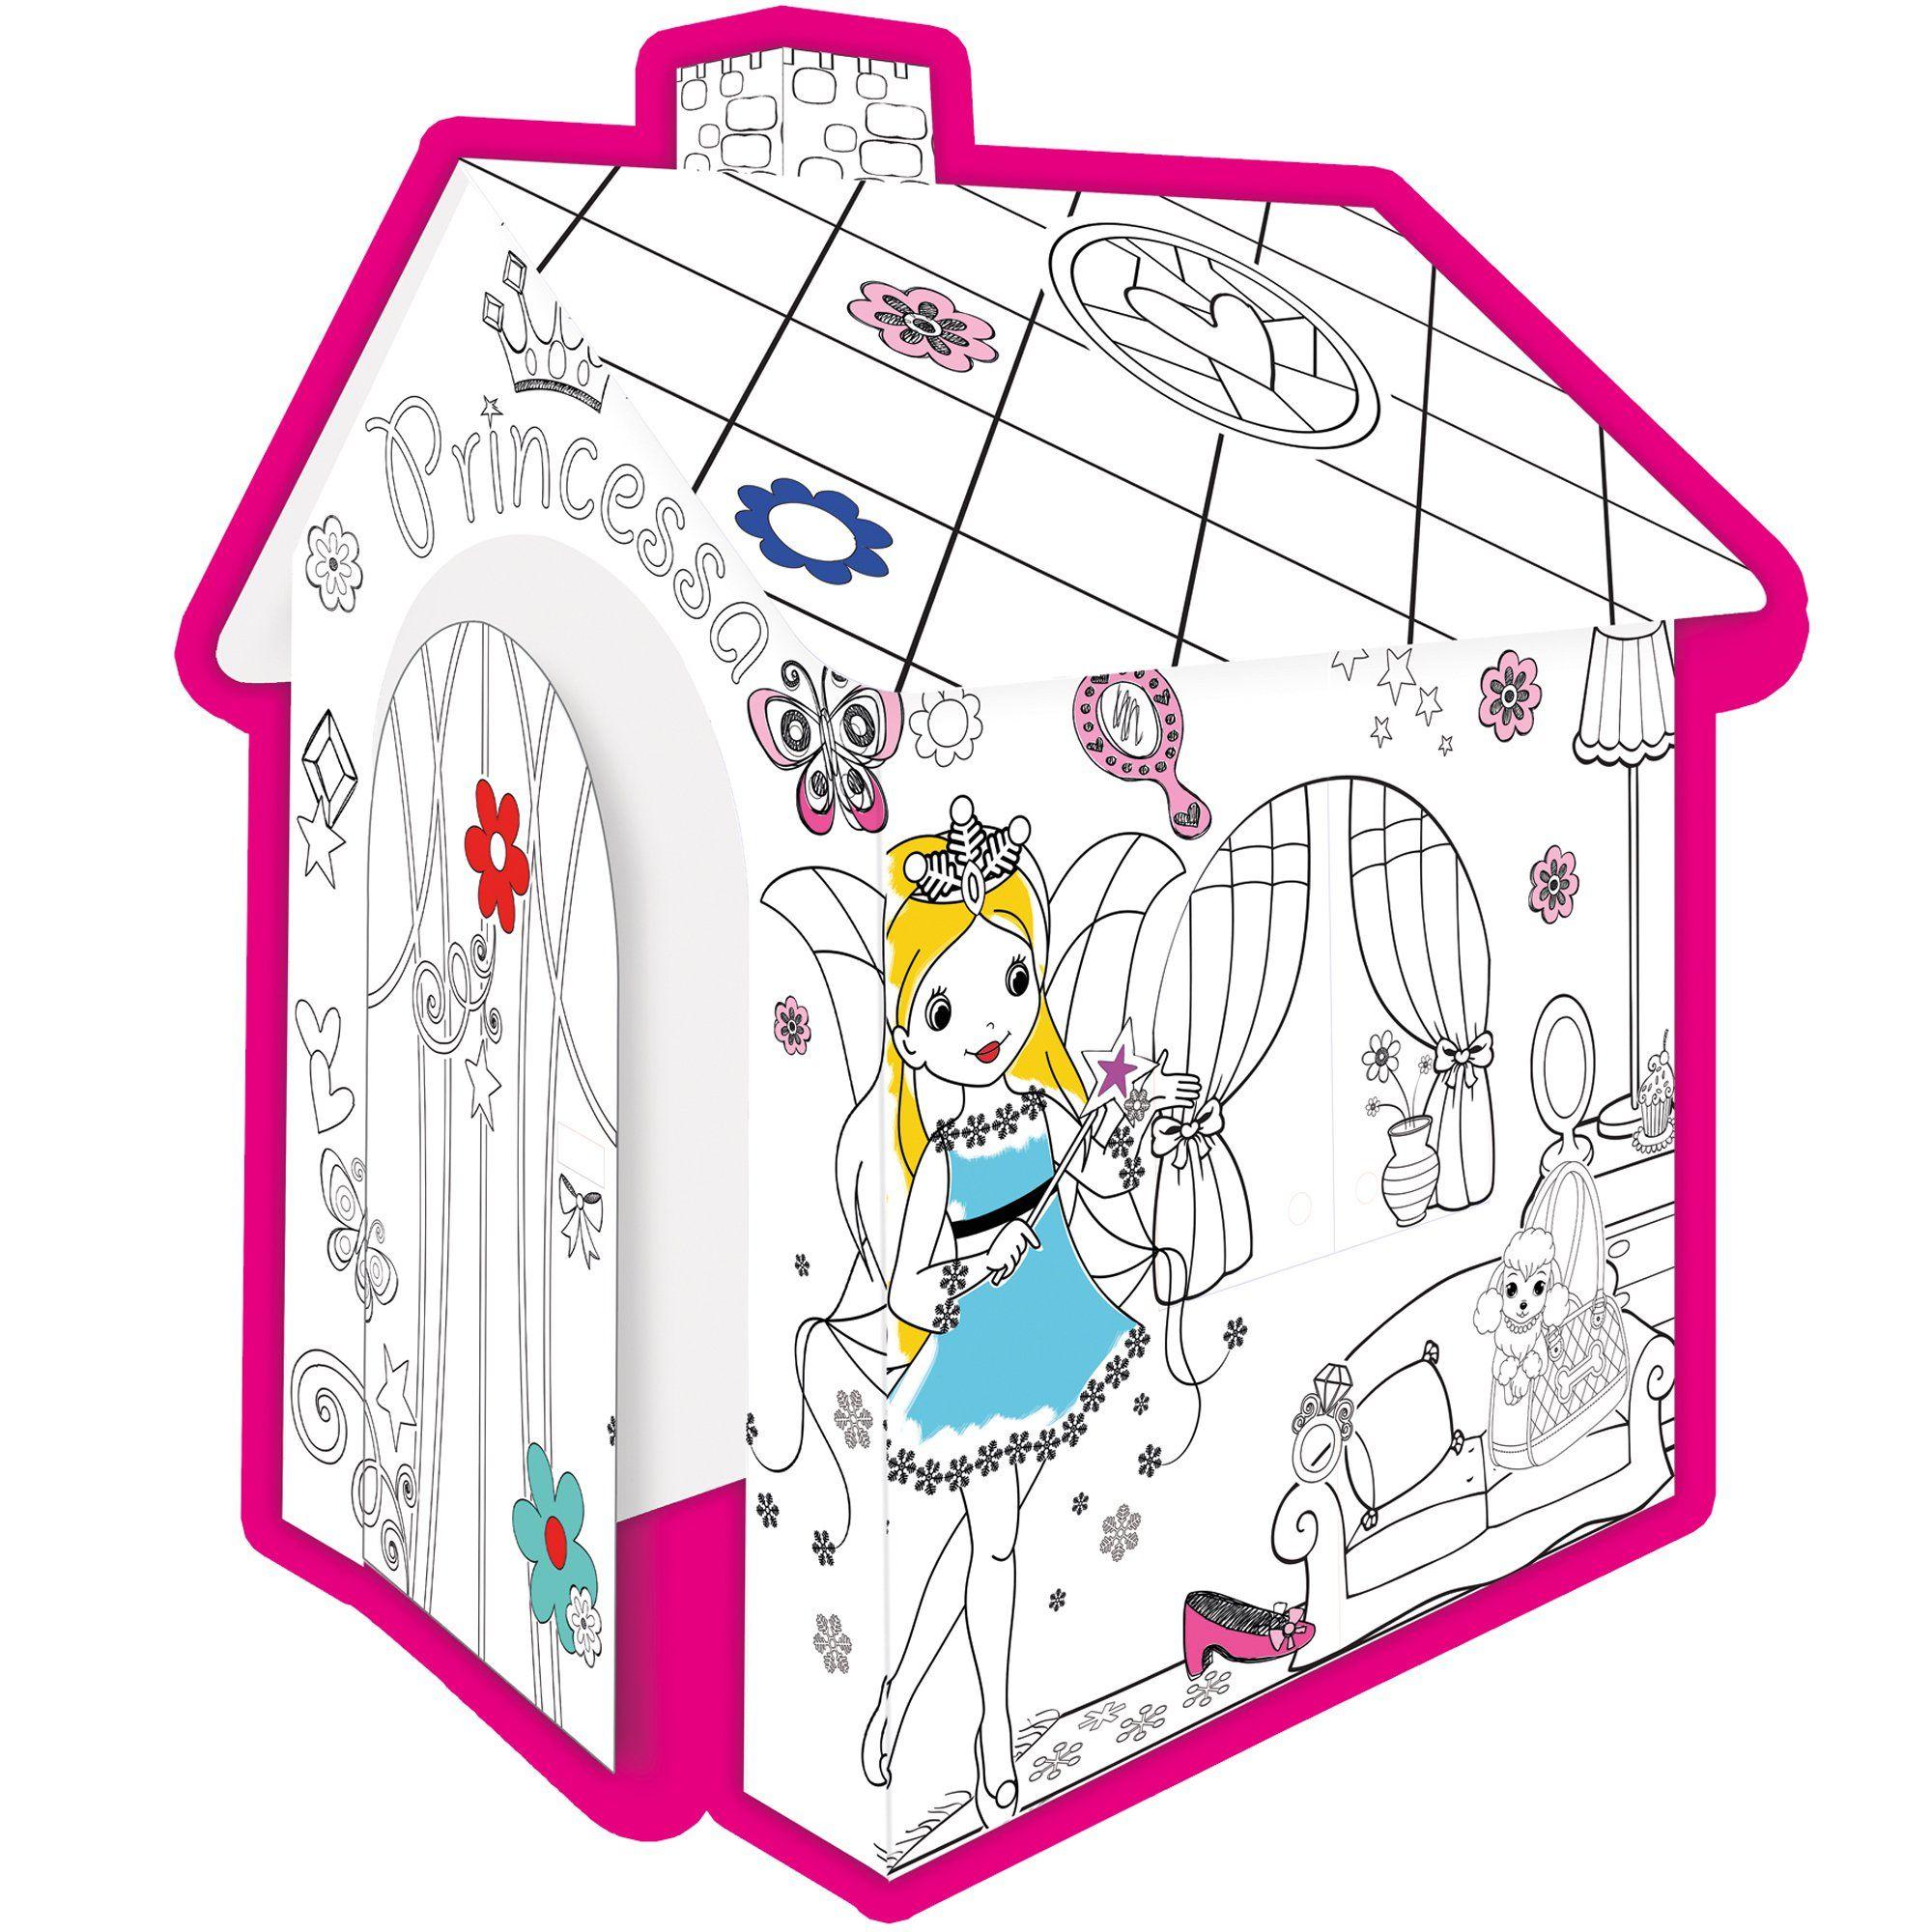 Zobacz Mega Promocje Mochtoys Duzy Domek Do Kolorowania Dla Dzieci Ksiezniczka With Images Kolorowanie Dla Dzieci Dzieci